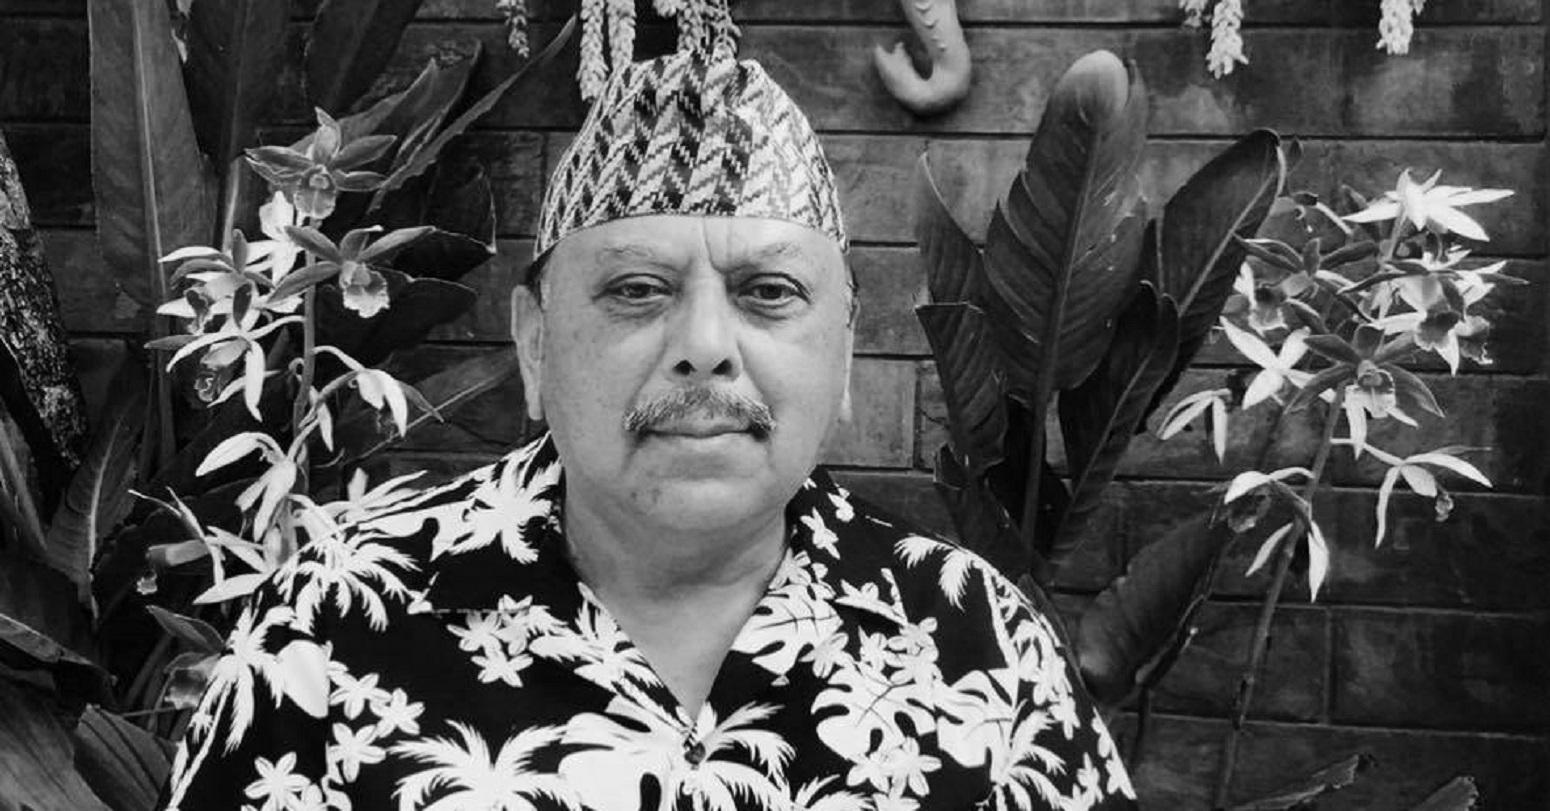 कटवालकाण्डका कामु सेनापति कुलबहादुर खड्काको निधन